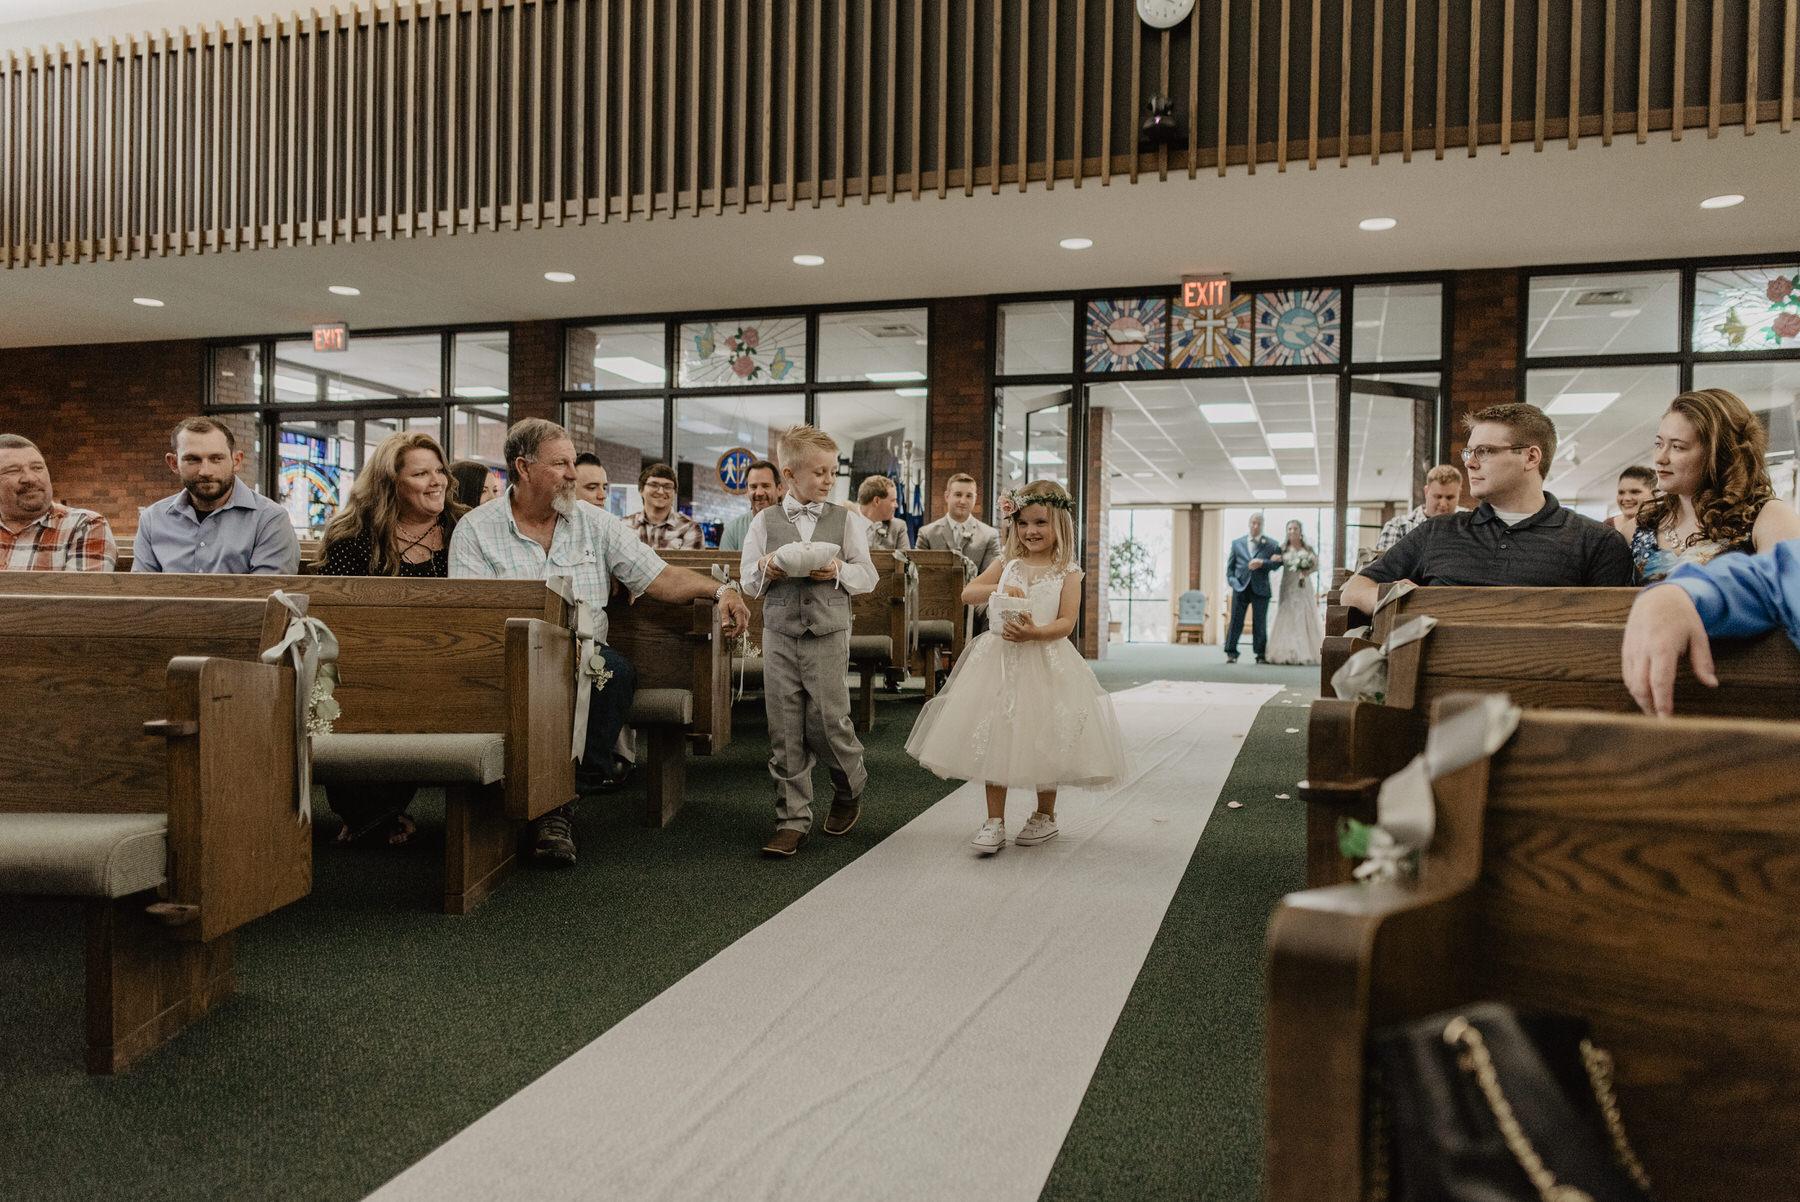 Kaylie-Sirek-Photography-Kearney-Nebraska-Wedding-048.jpg